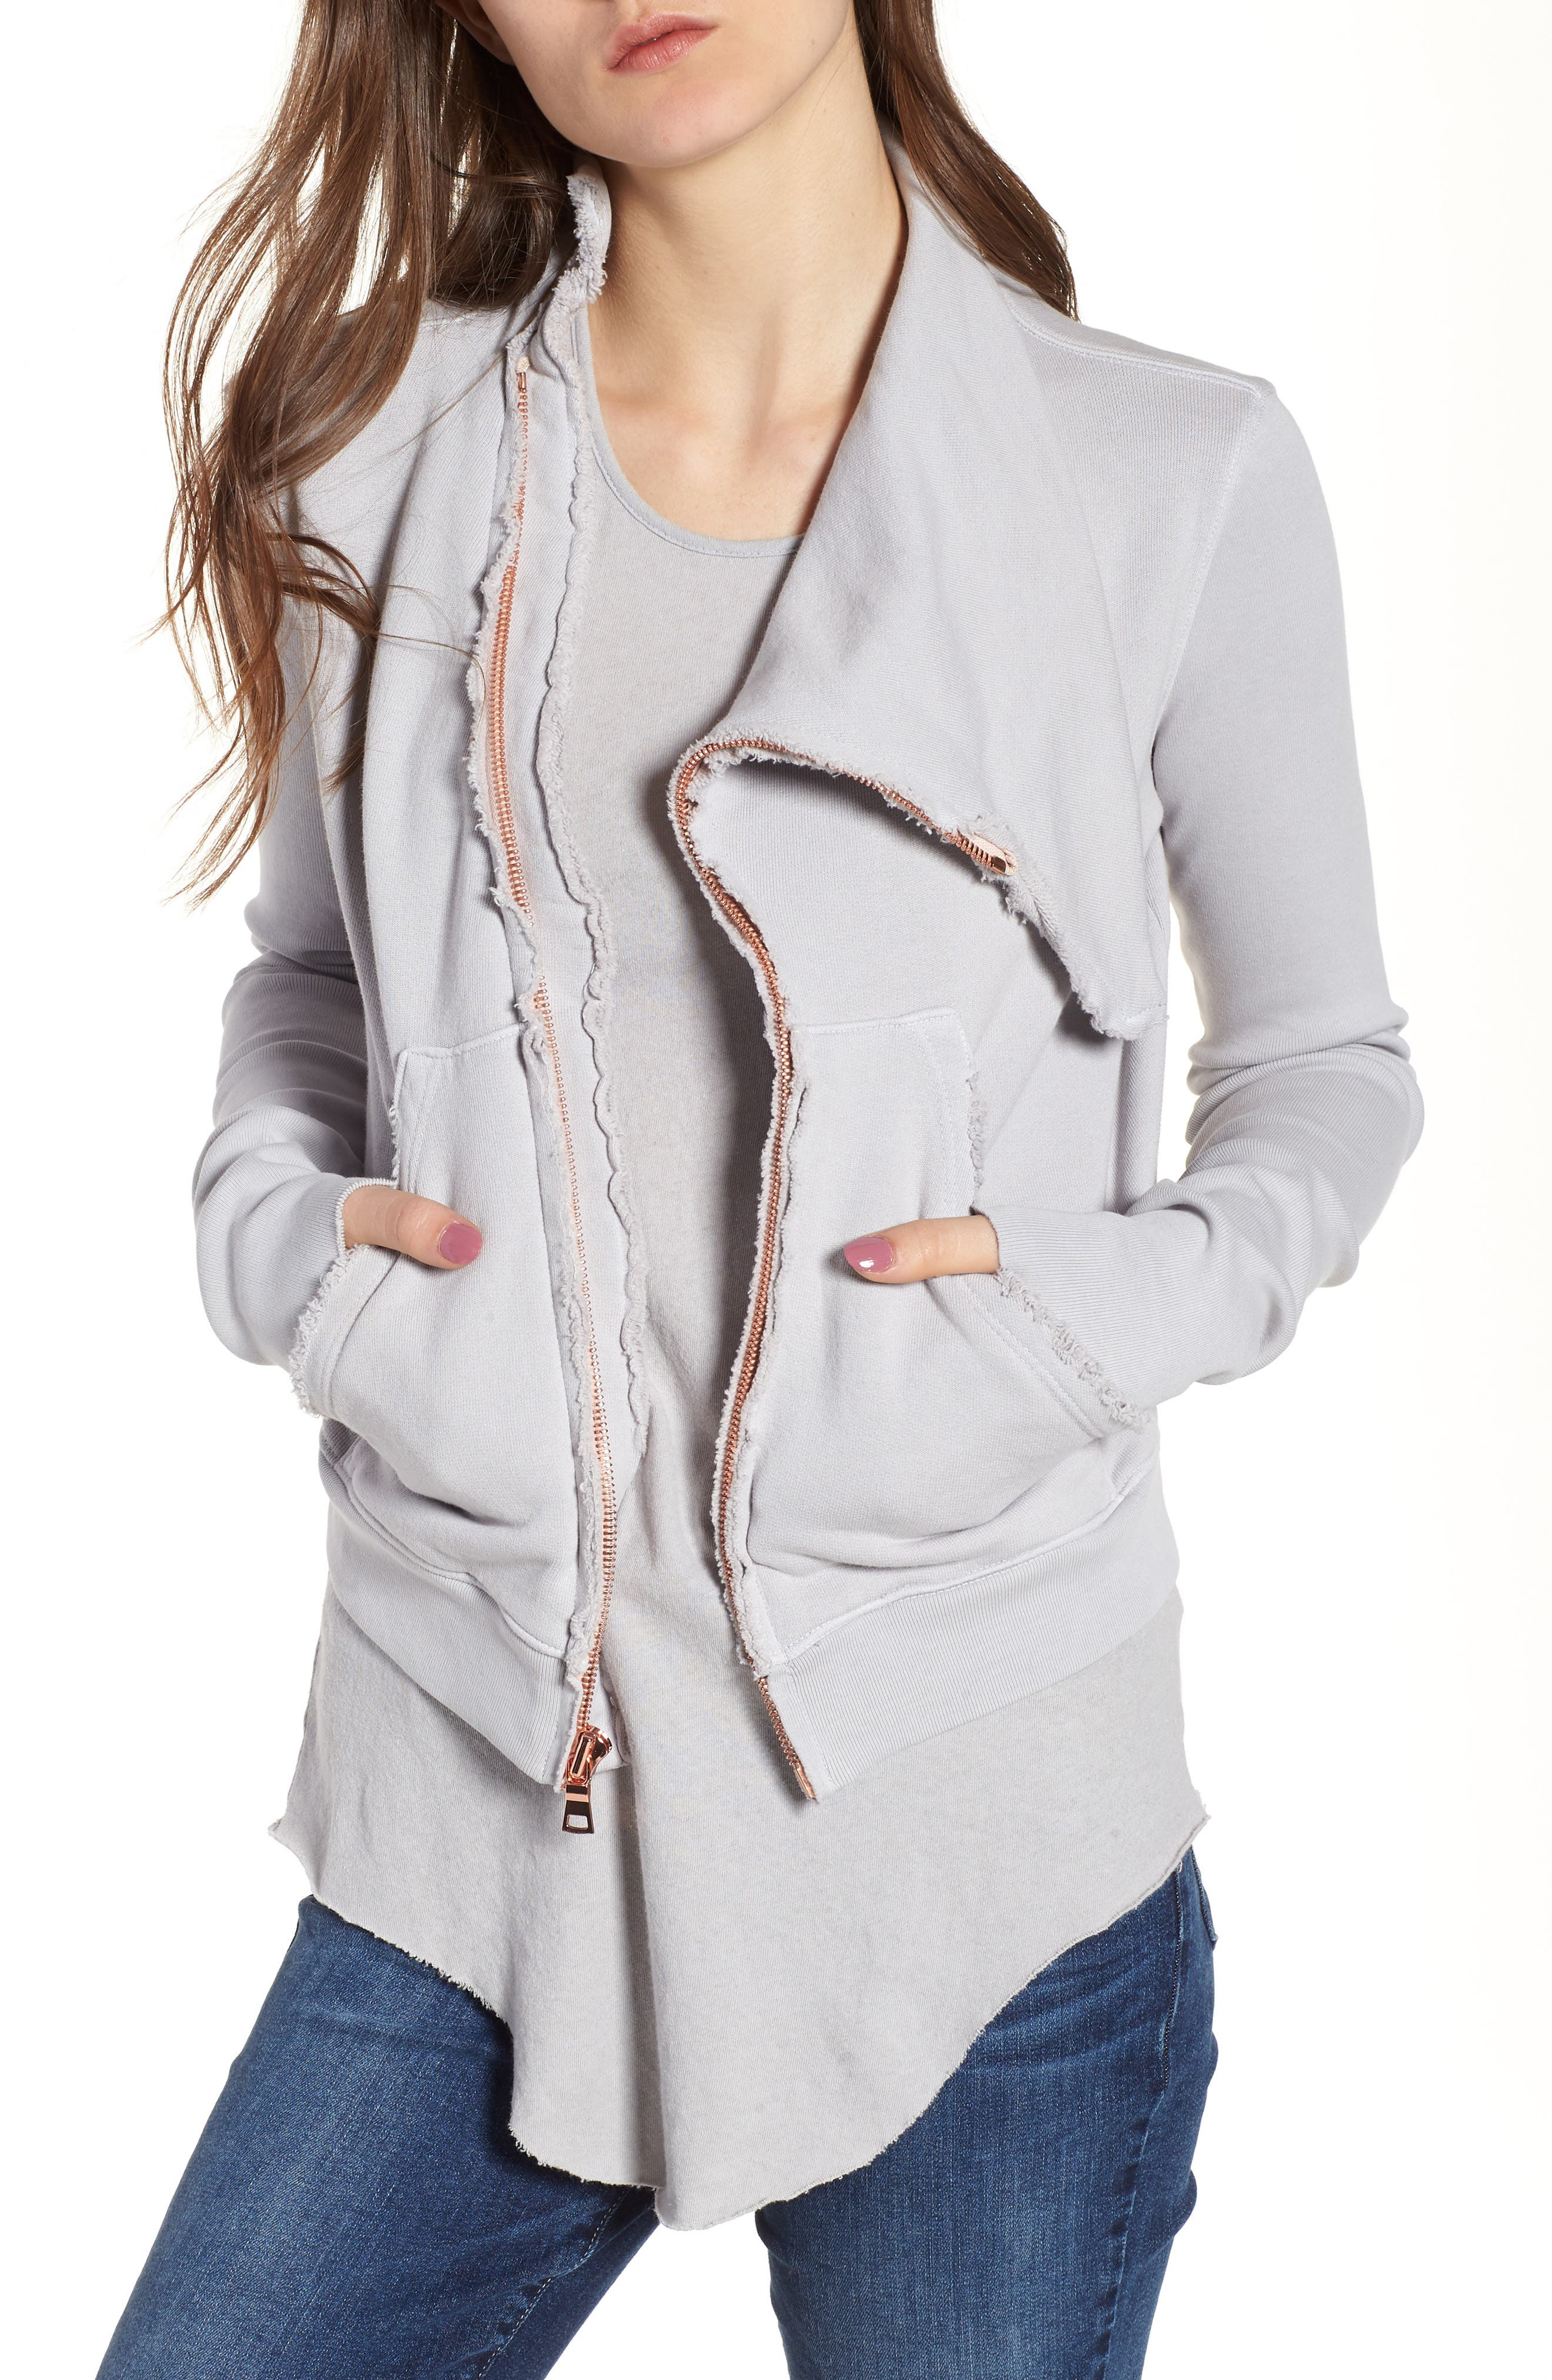 Frank & Eileen Asymmetrical Zip Fleece Jacket in Blackout